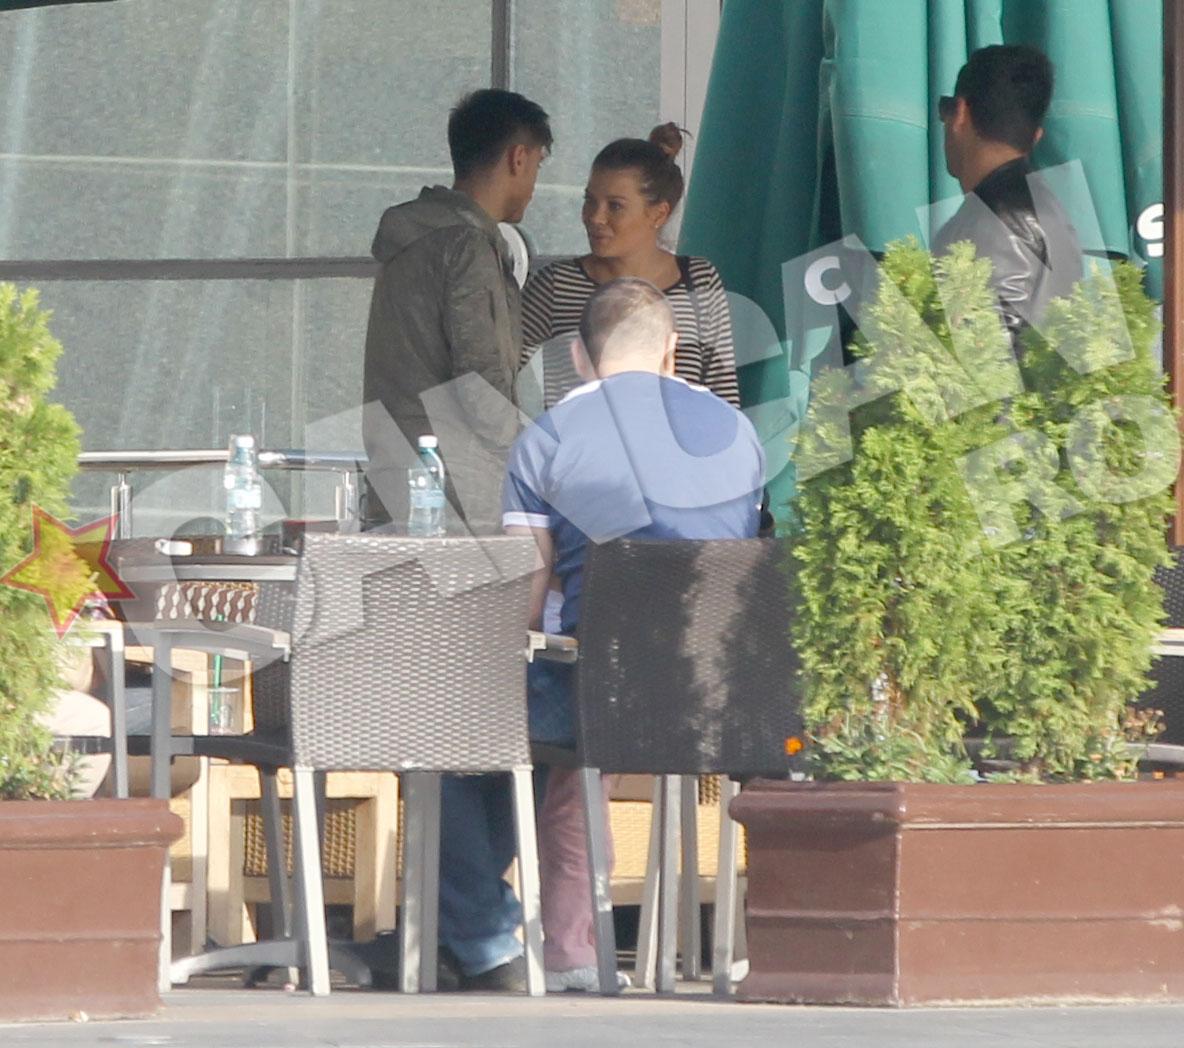 Juniorul lui Turcu a lasat-o sa plece cu greu si a condus-o pana la iesirea de pe terasa